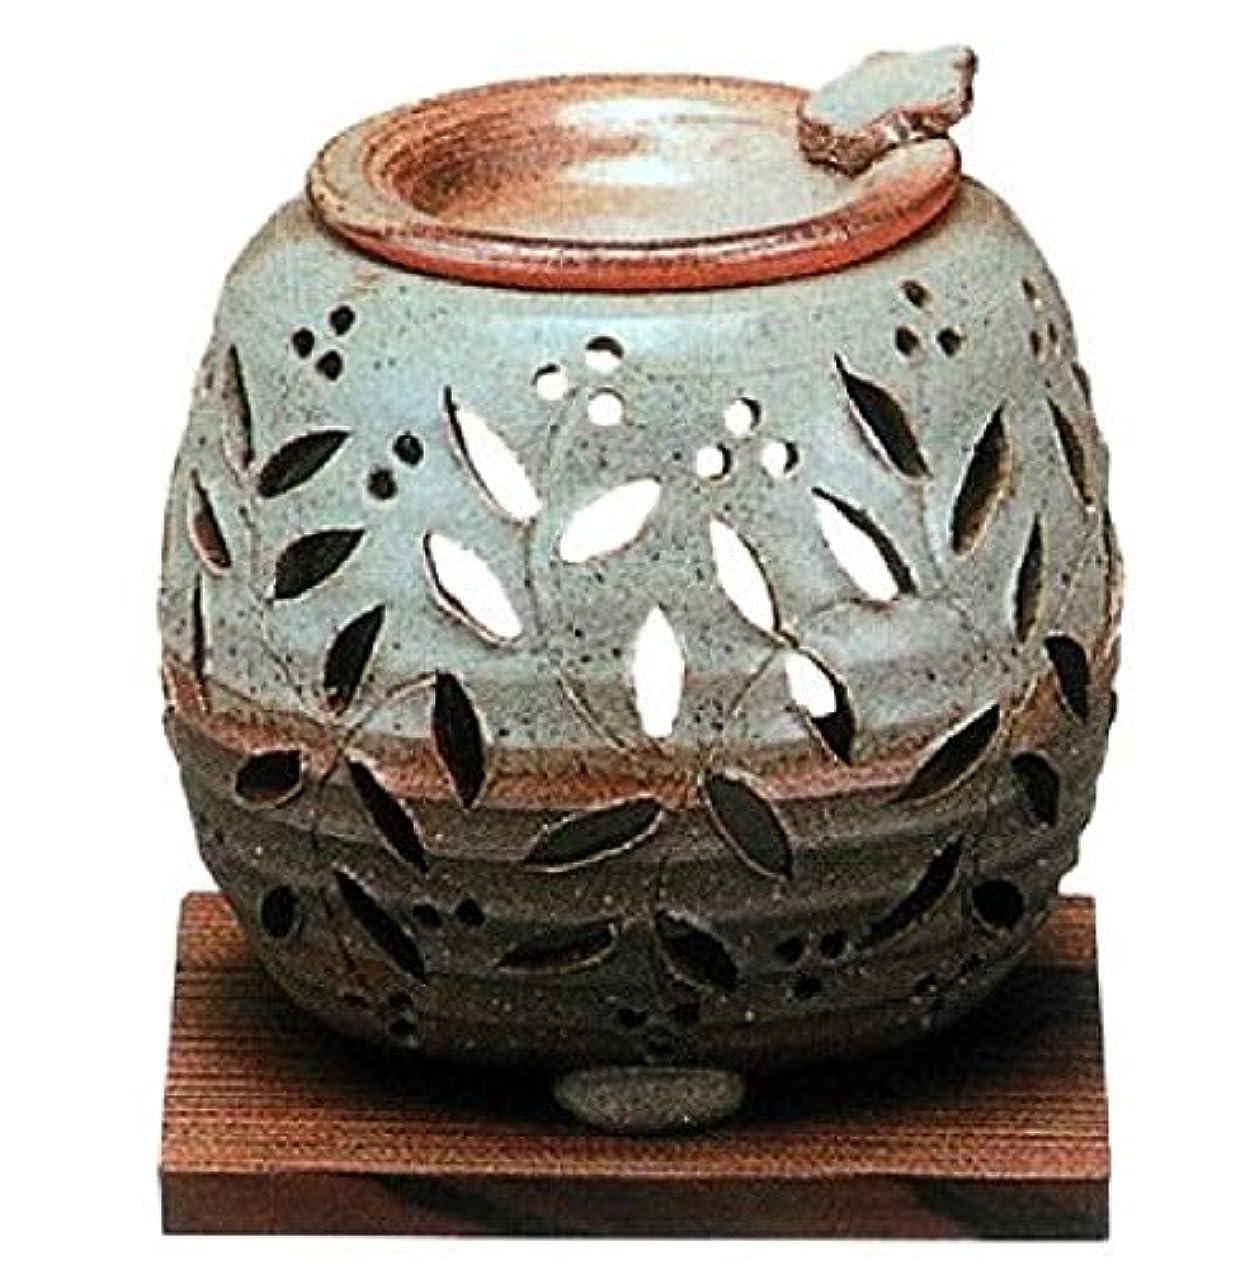 ぺディカブ塩辛い第九常滑焼?石龍窯 カ38-10 茶香炉 焼杉板付 径10×10cm